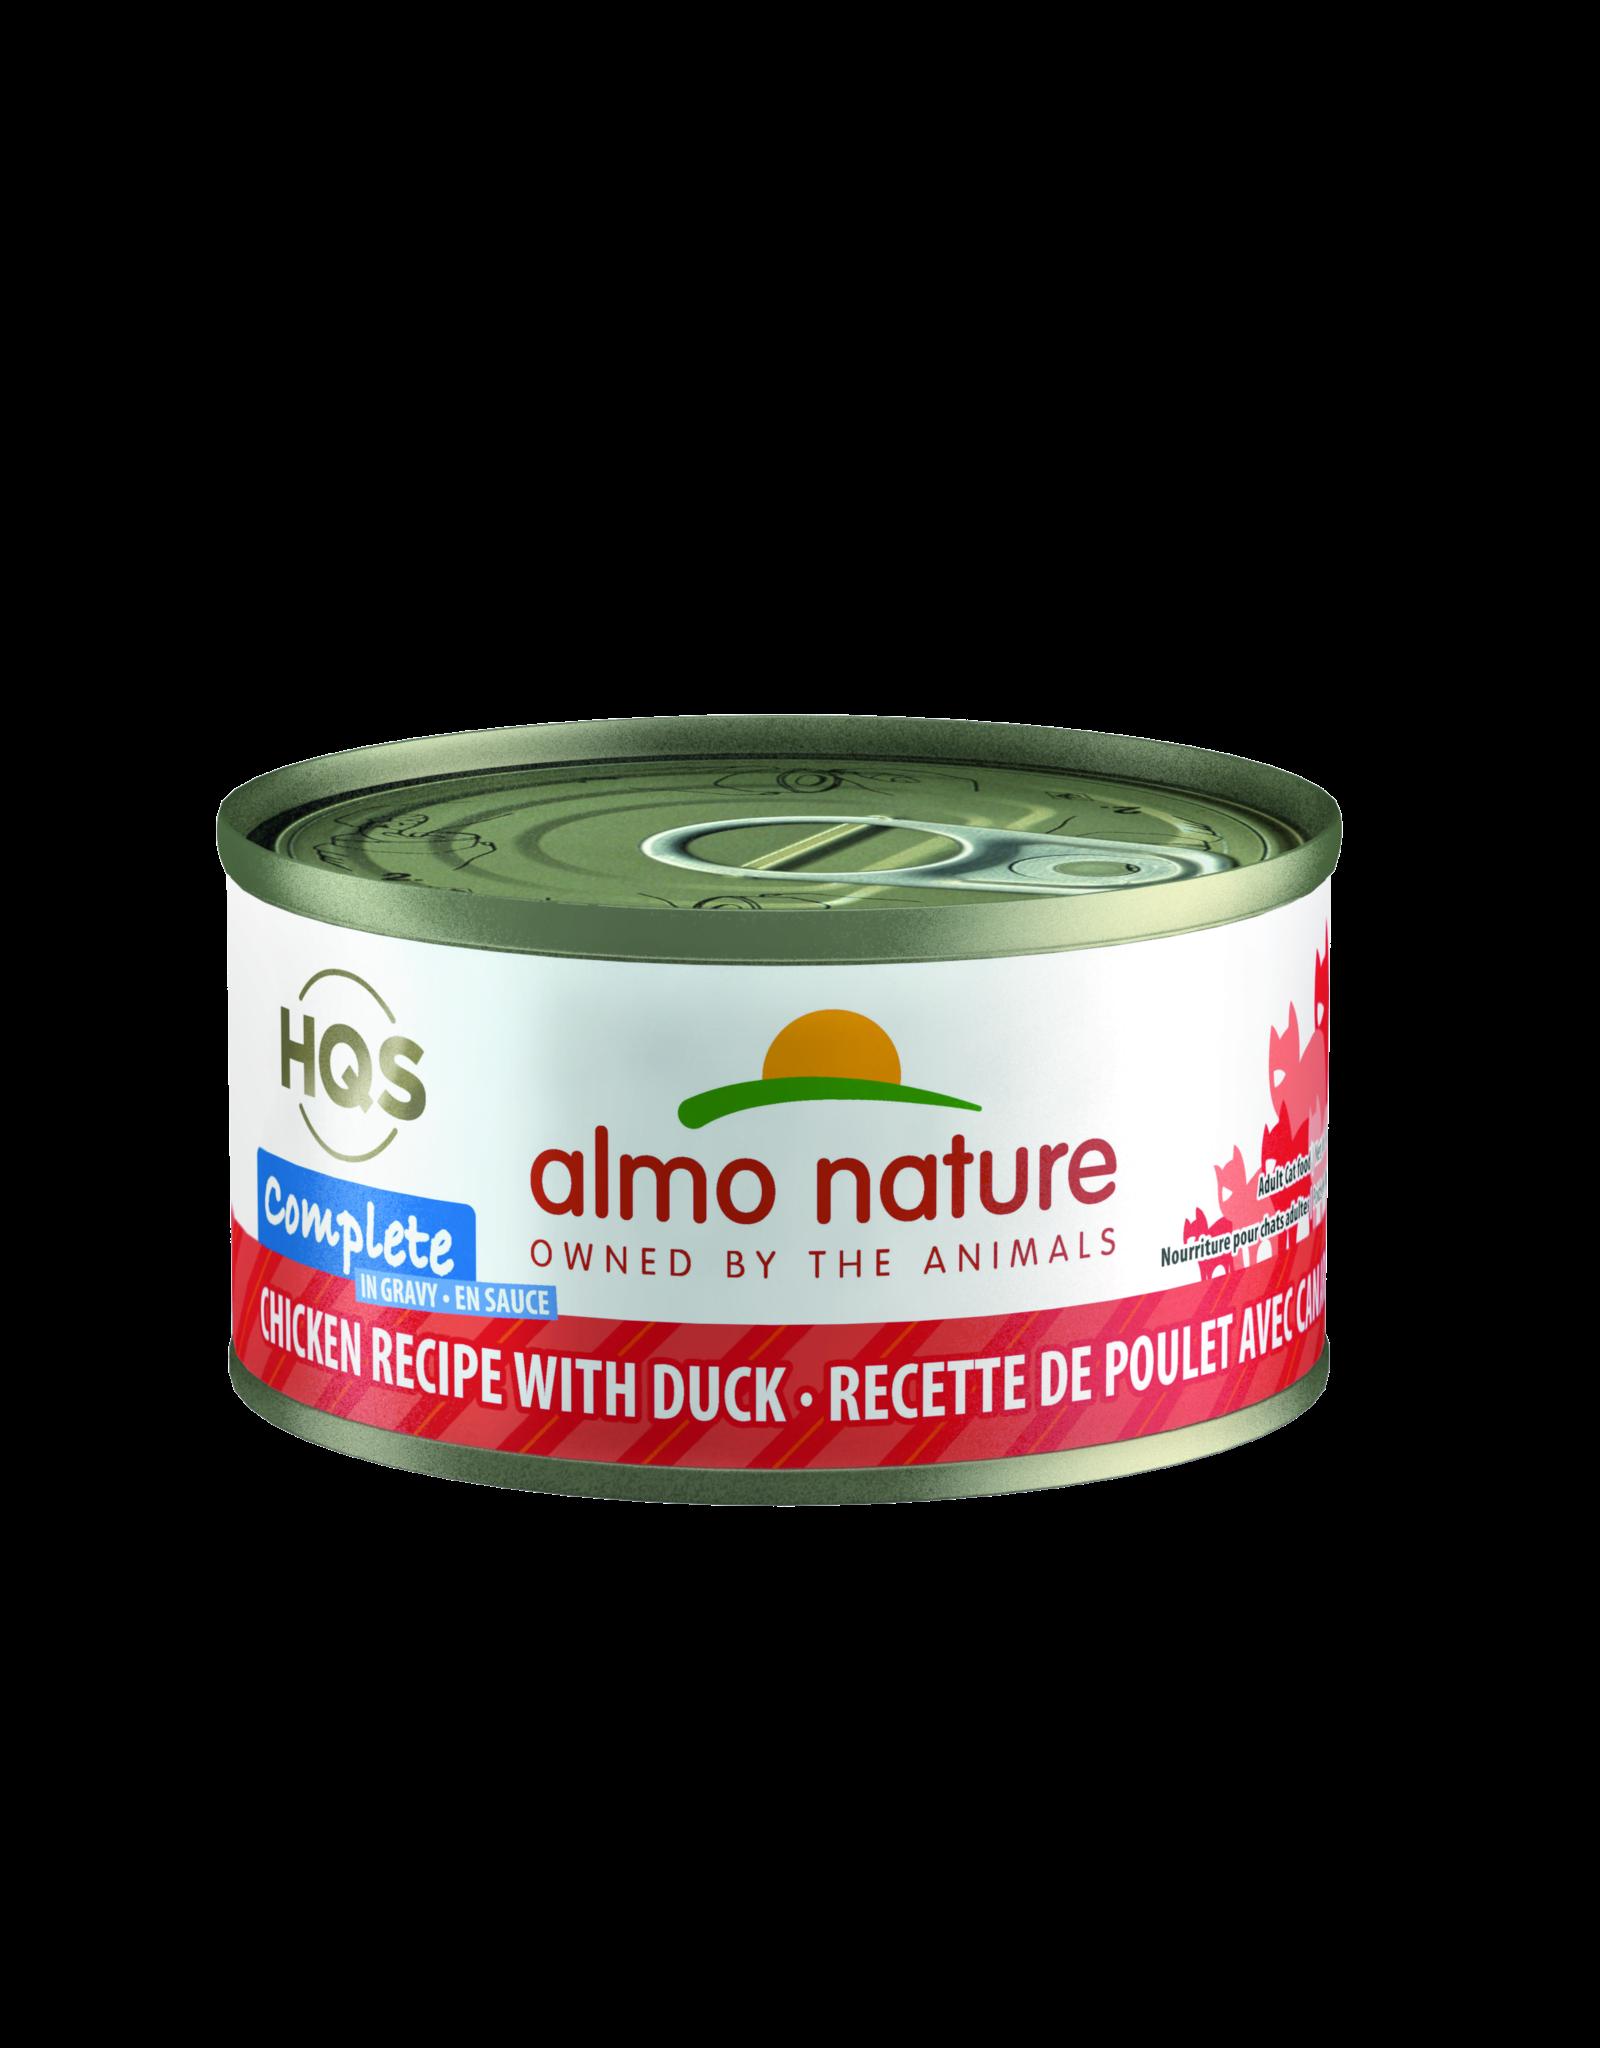 Almo Nature Almo Nature HQS Complete Chicken Recipe w/Duck Cat Food 2.47oz